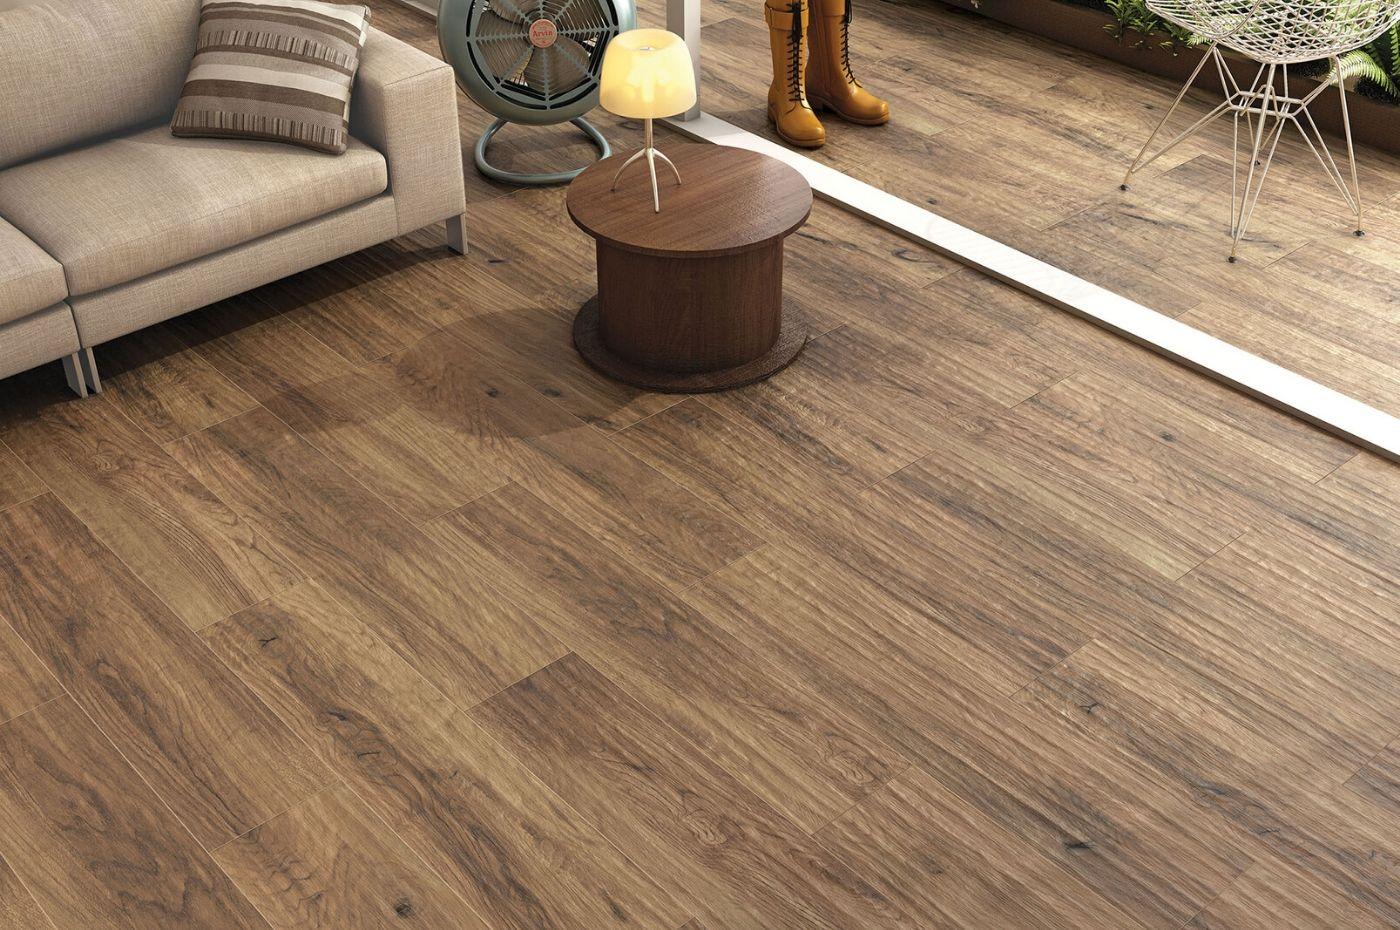 Có nên chọn sàn gỗ lim hoặc sàn gỗ lim nam phi hay không?